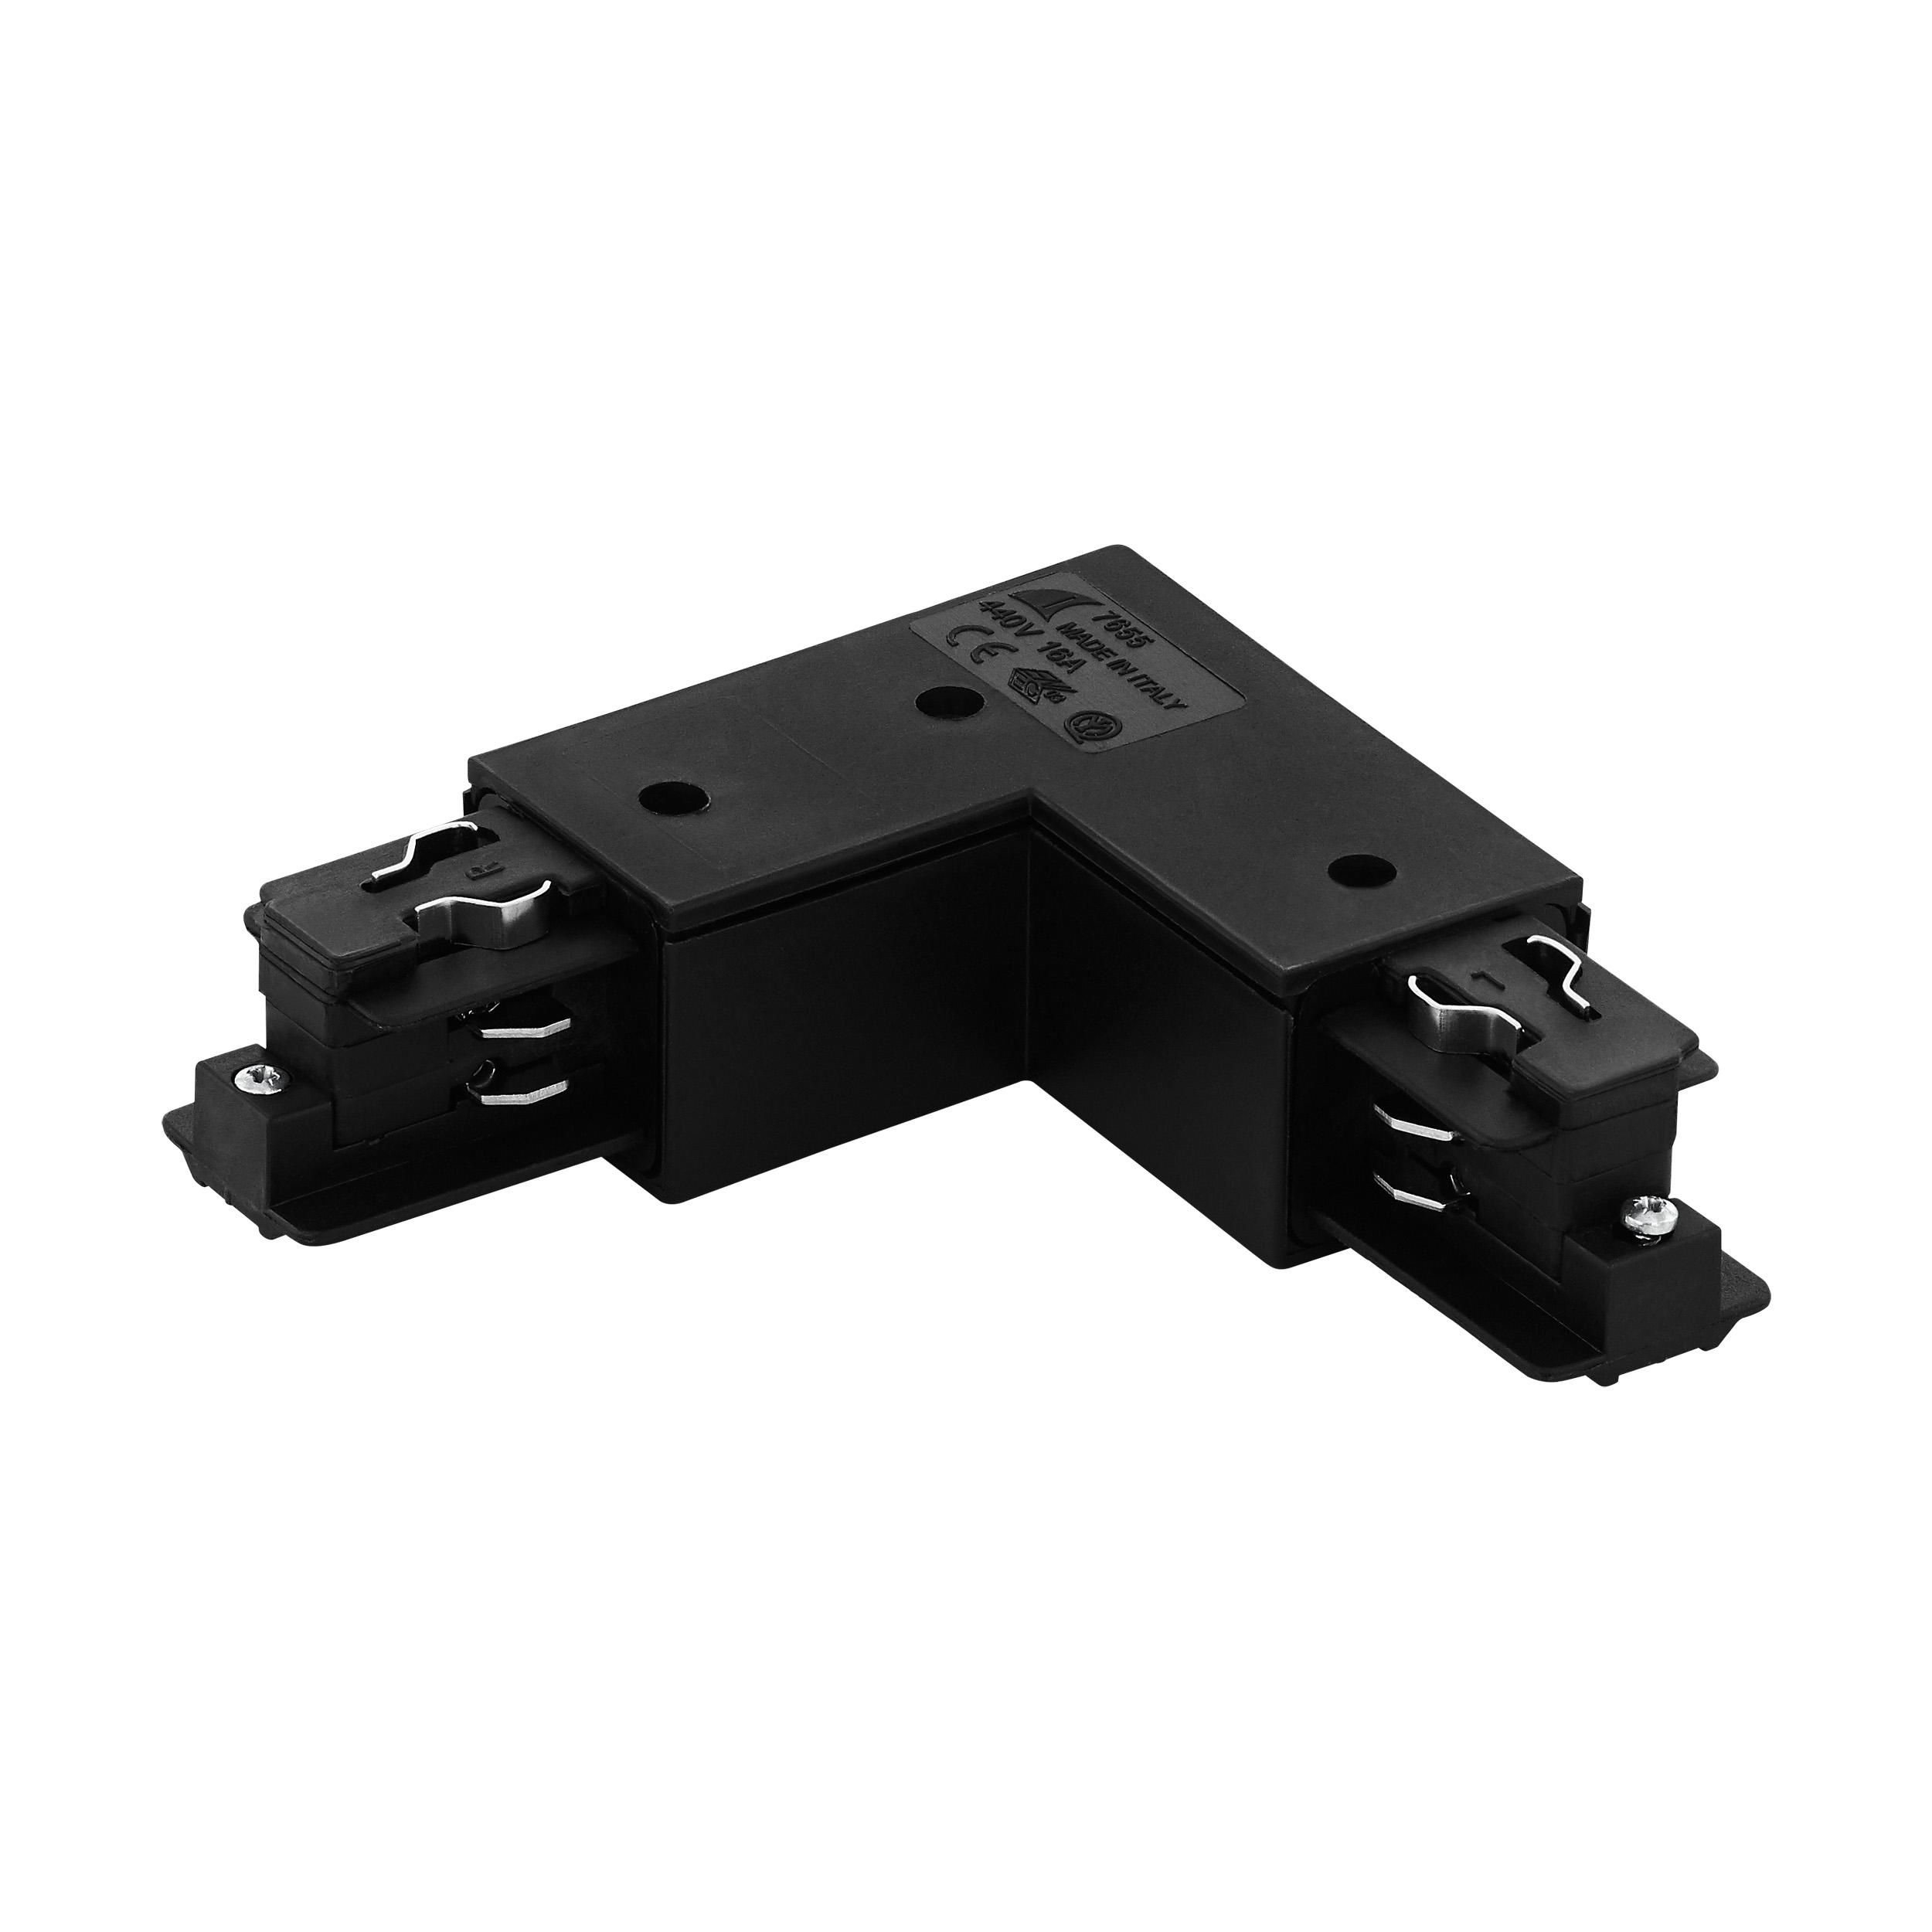 1 Stk 3-Phasen 90° Verbinder schwarz Aufbau, Kunststoff, außen LI60773---